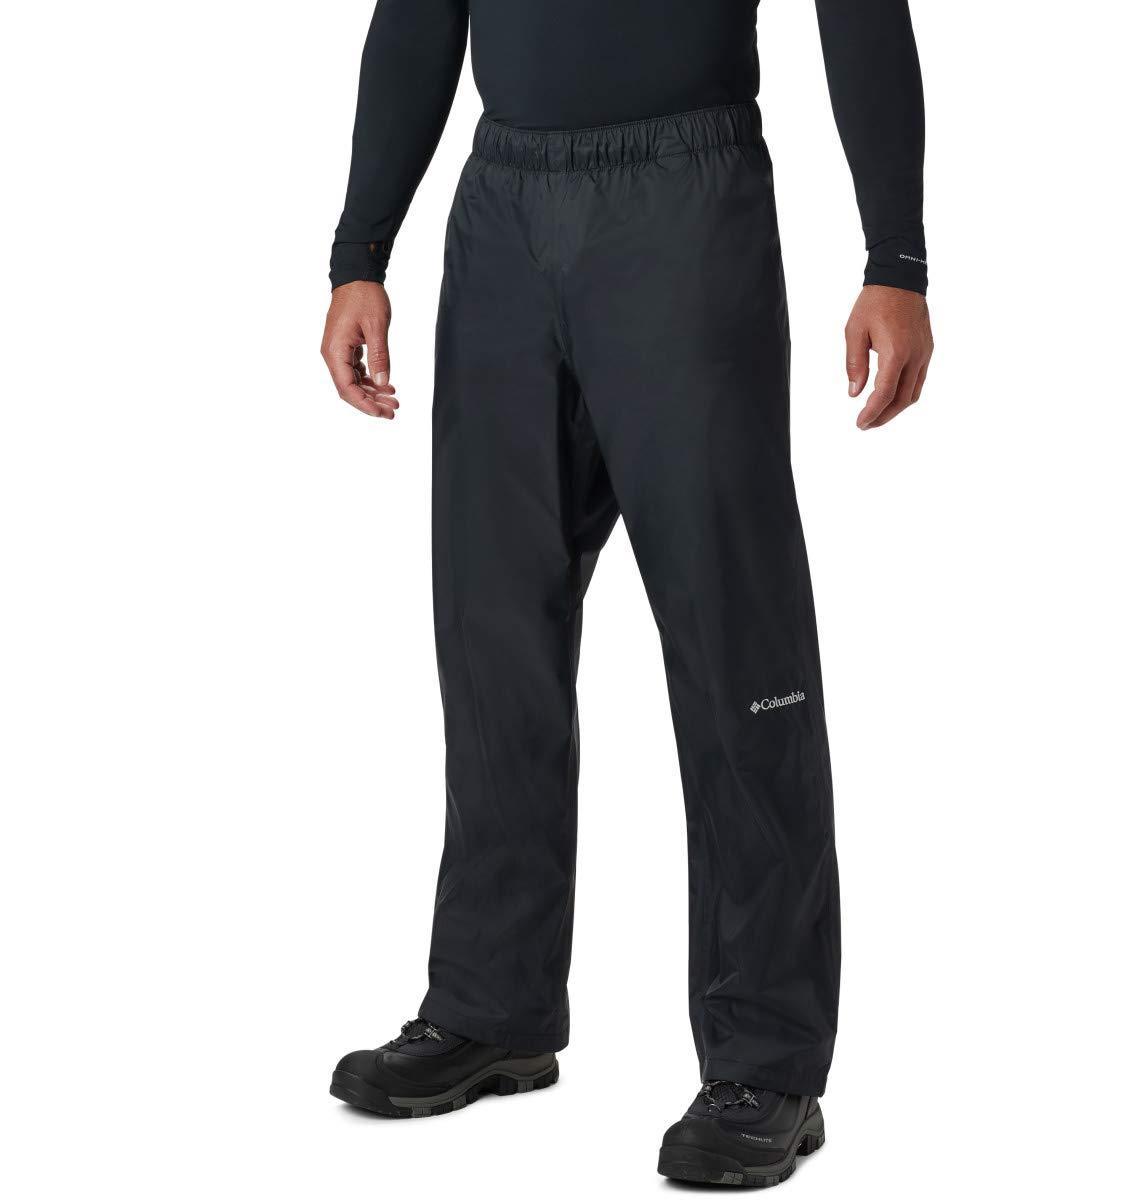 Columbia Rebel Roamer Pant in Black for Men